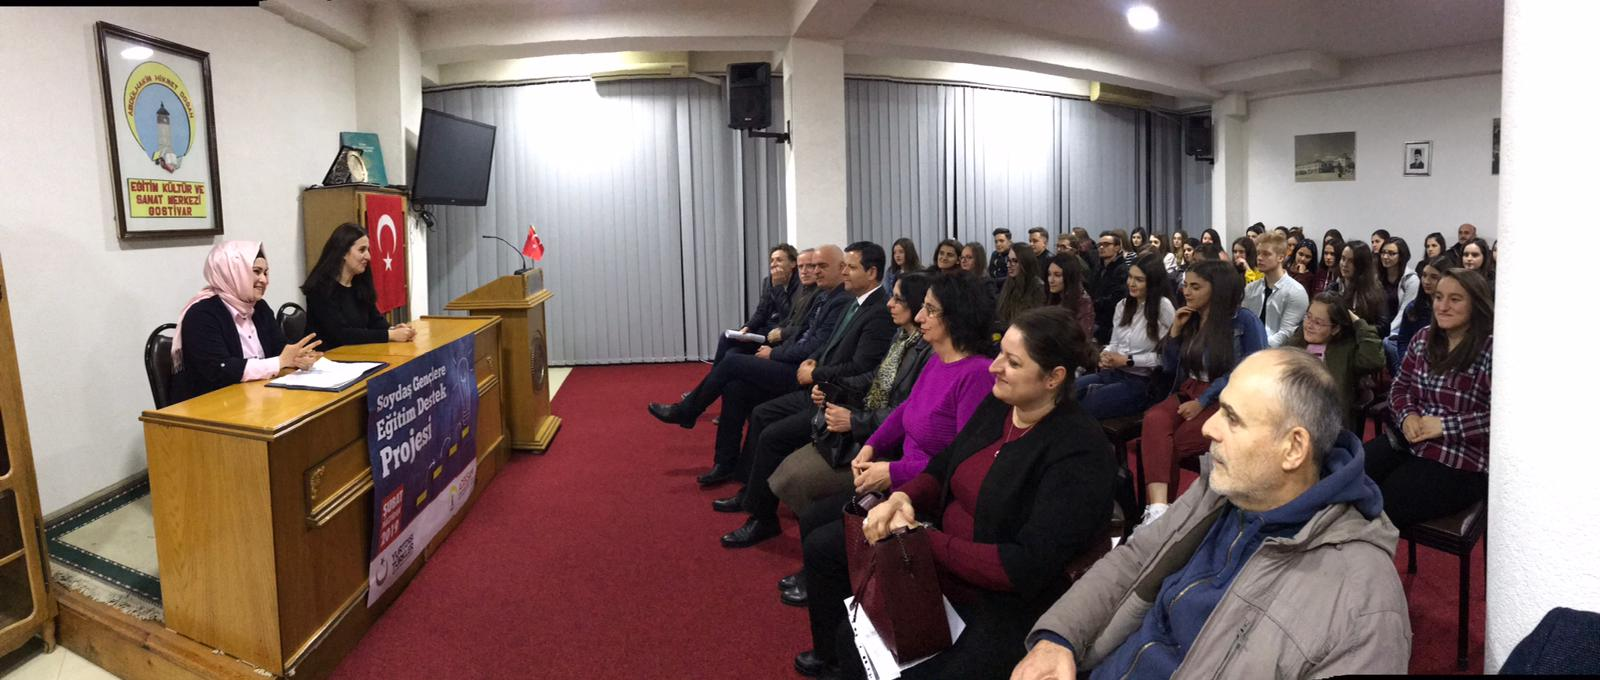 YTB – Yurtdışı Türkler ve Akraba Topluluklar Başkanlığı desteğiyle Soydaş Gençlere Eğitim Destek Projesi Kapsamında Konferans Düzenlendi